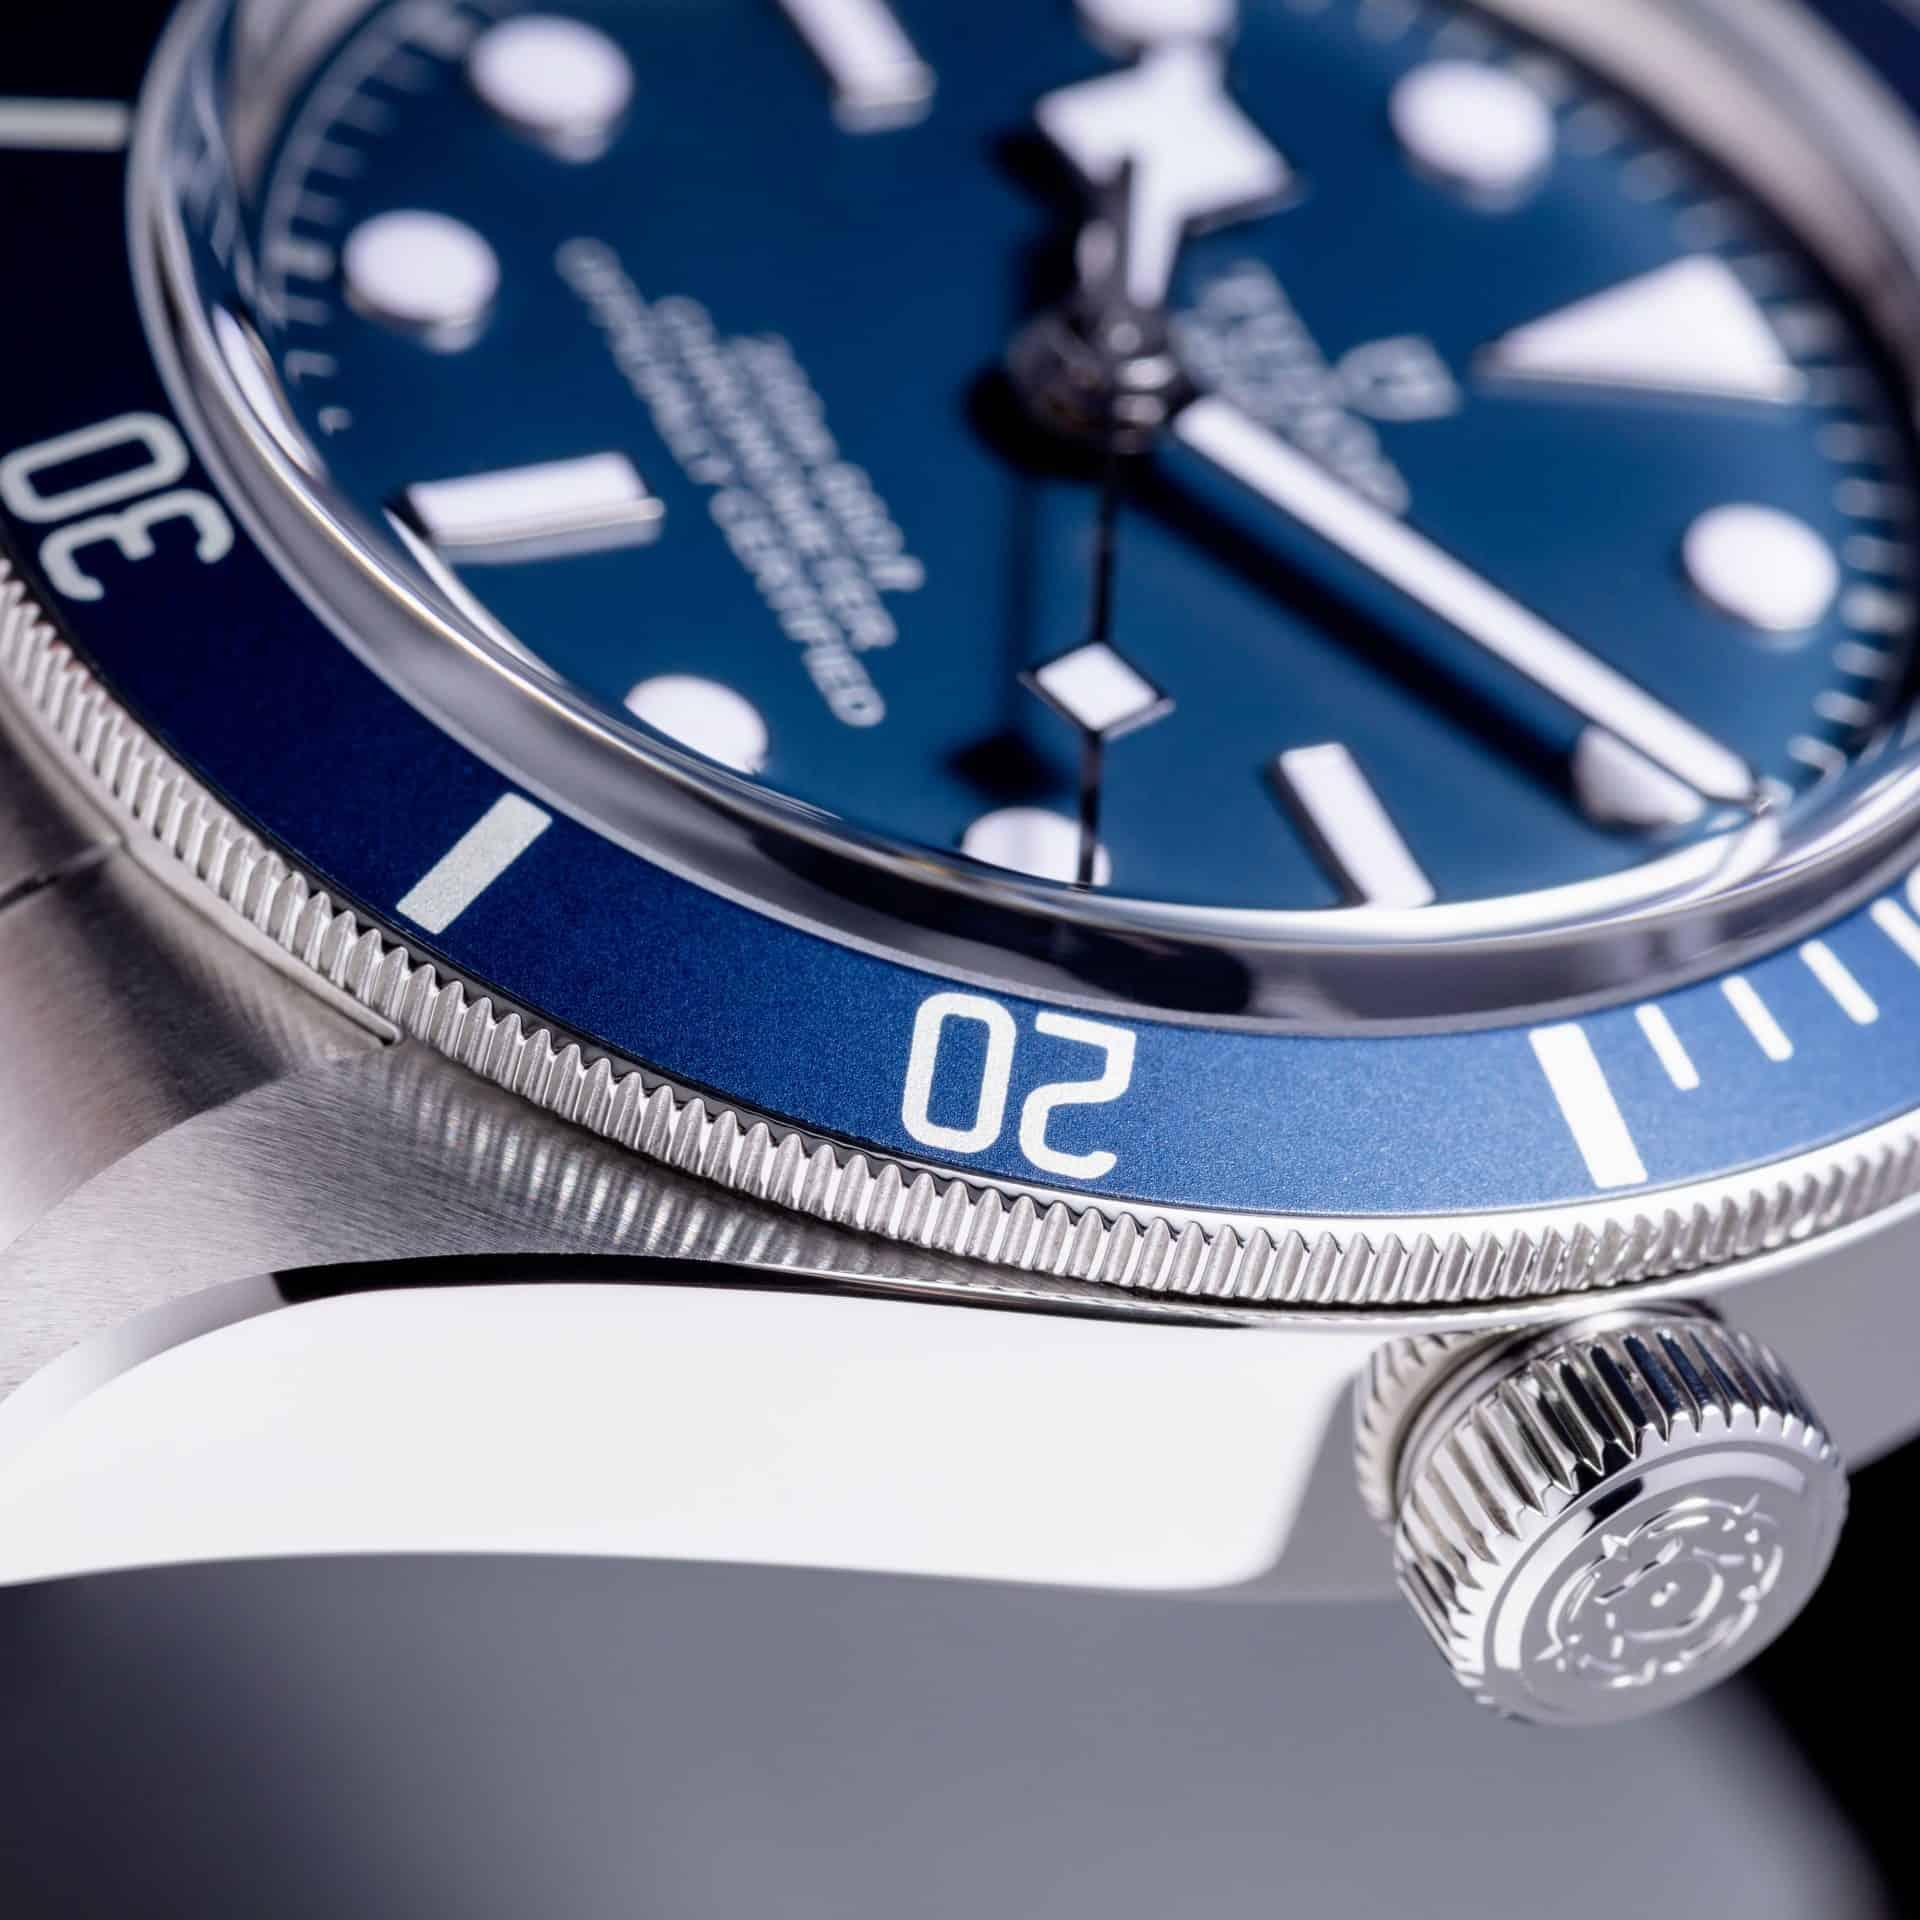 Die Tudor Armbanduhr wird mit einem offiziellen Chronometerzertifikat ausgeliefert